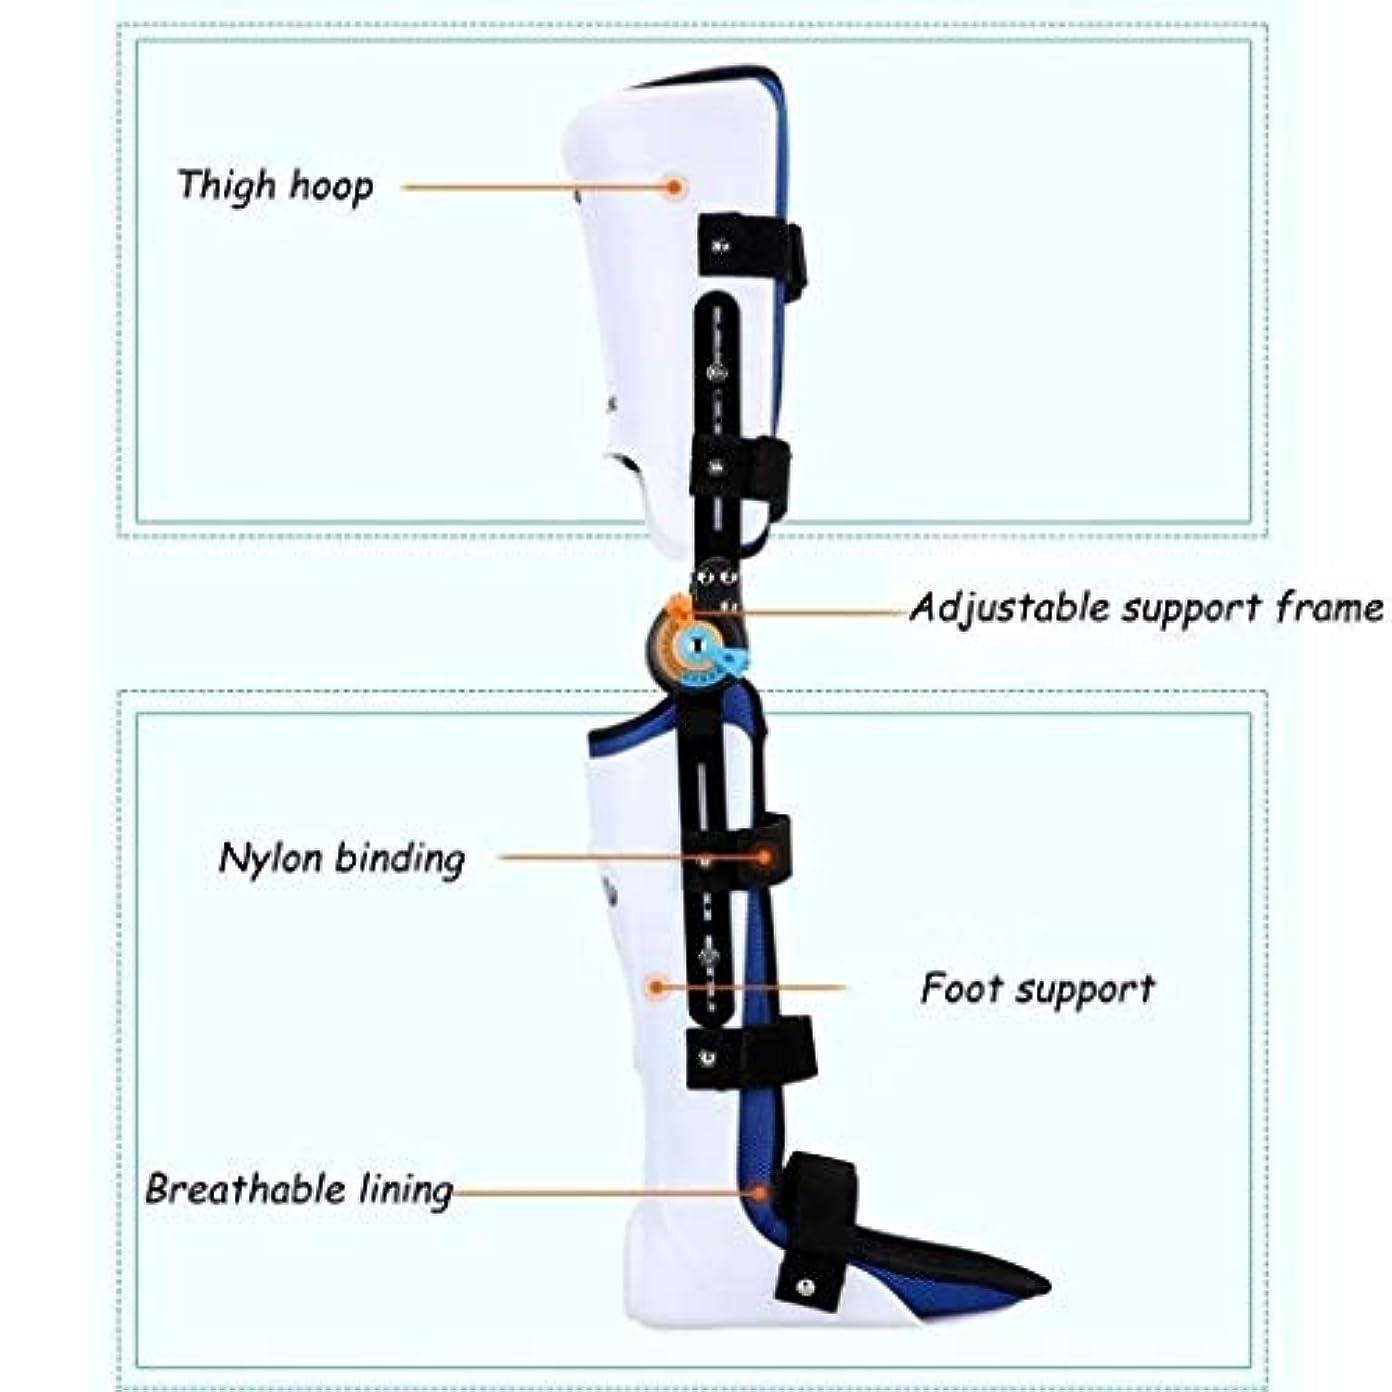 わずかな間違いなく癒すヒンジ付きROM膝ブレース、膝蓋骨損傷イモビライザーサポート医療整形外科用ガードプロテクター-ACL、靭帯、スポーツ傷害用の調整可能なフルレッグスタビライザー (Color : As Picture, Size : Left)